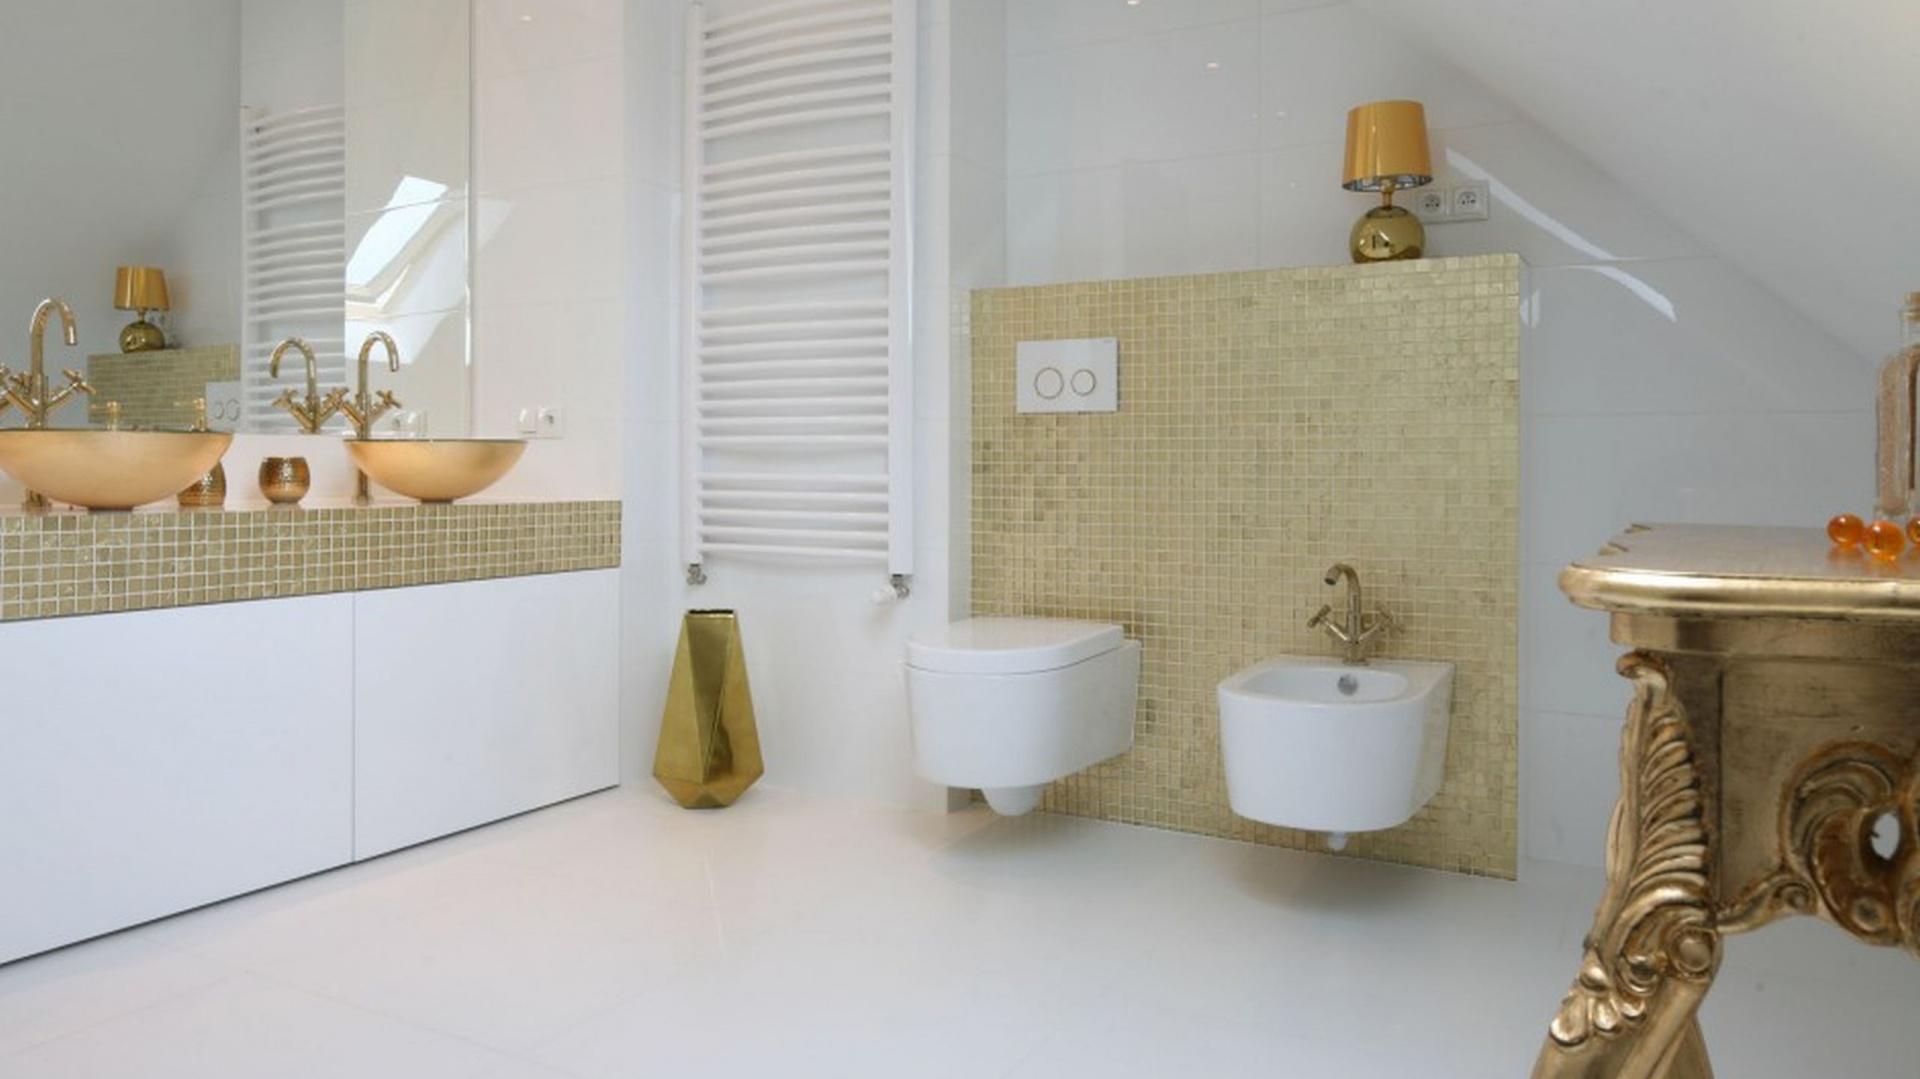 Chłodną biel dobrze jest komponować z kolorową mozaiką - w tej aranżacji złoty kolor dodaje elegancji. Projekt: Piotr Stanisz. Fot. Bartosz Jarosz.